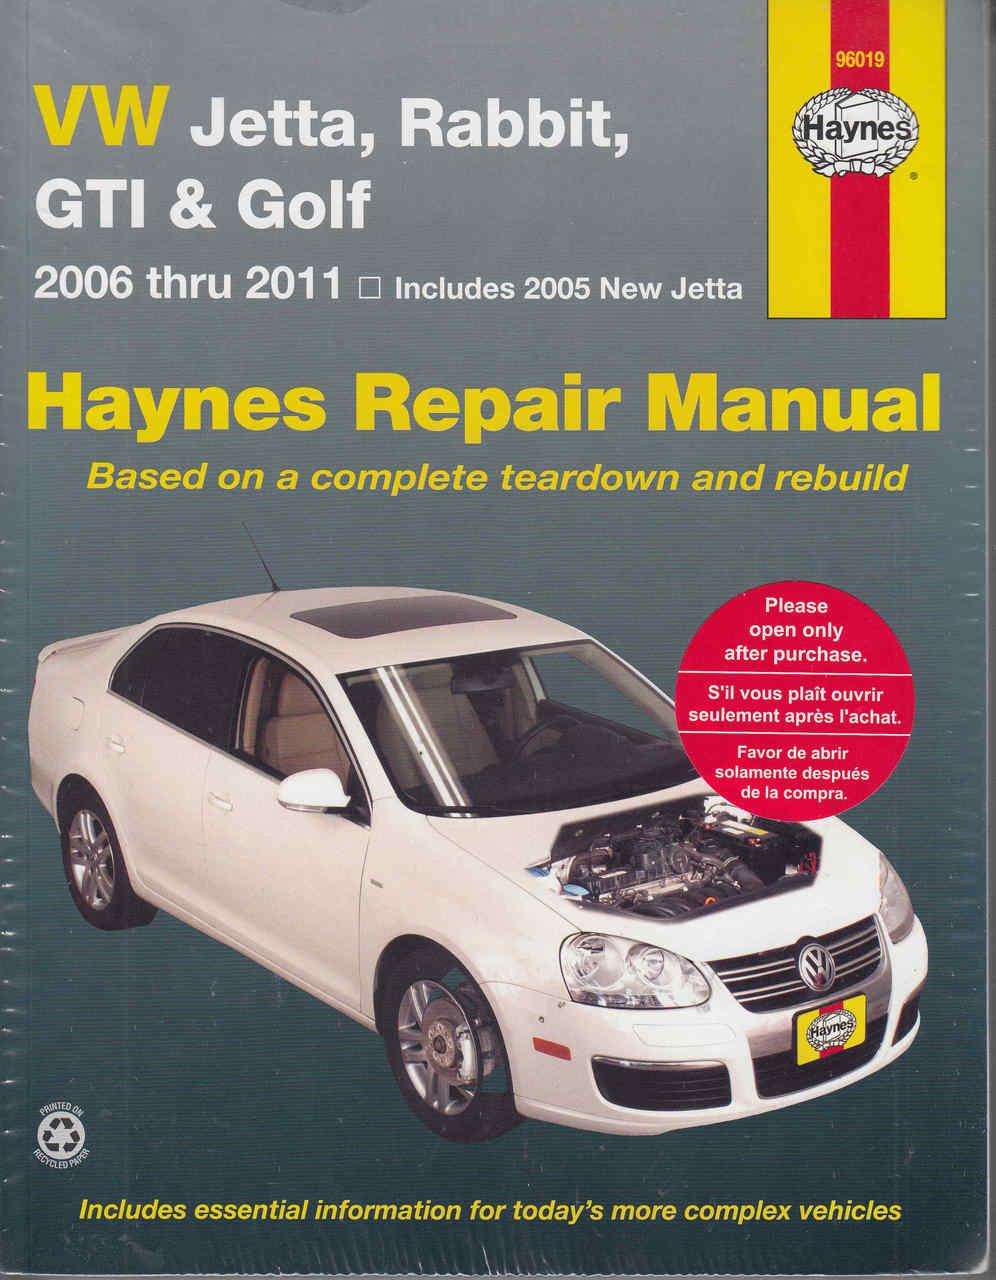 vw jetta, rabbit, gti \u0026 golf 2006 2011 repair manualVolkswagen Jetta Gold And Gti Car Service Manual #18